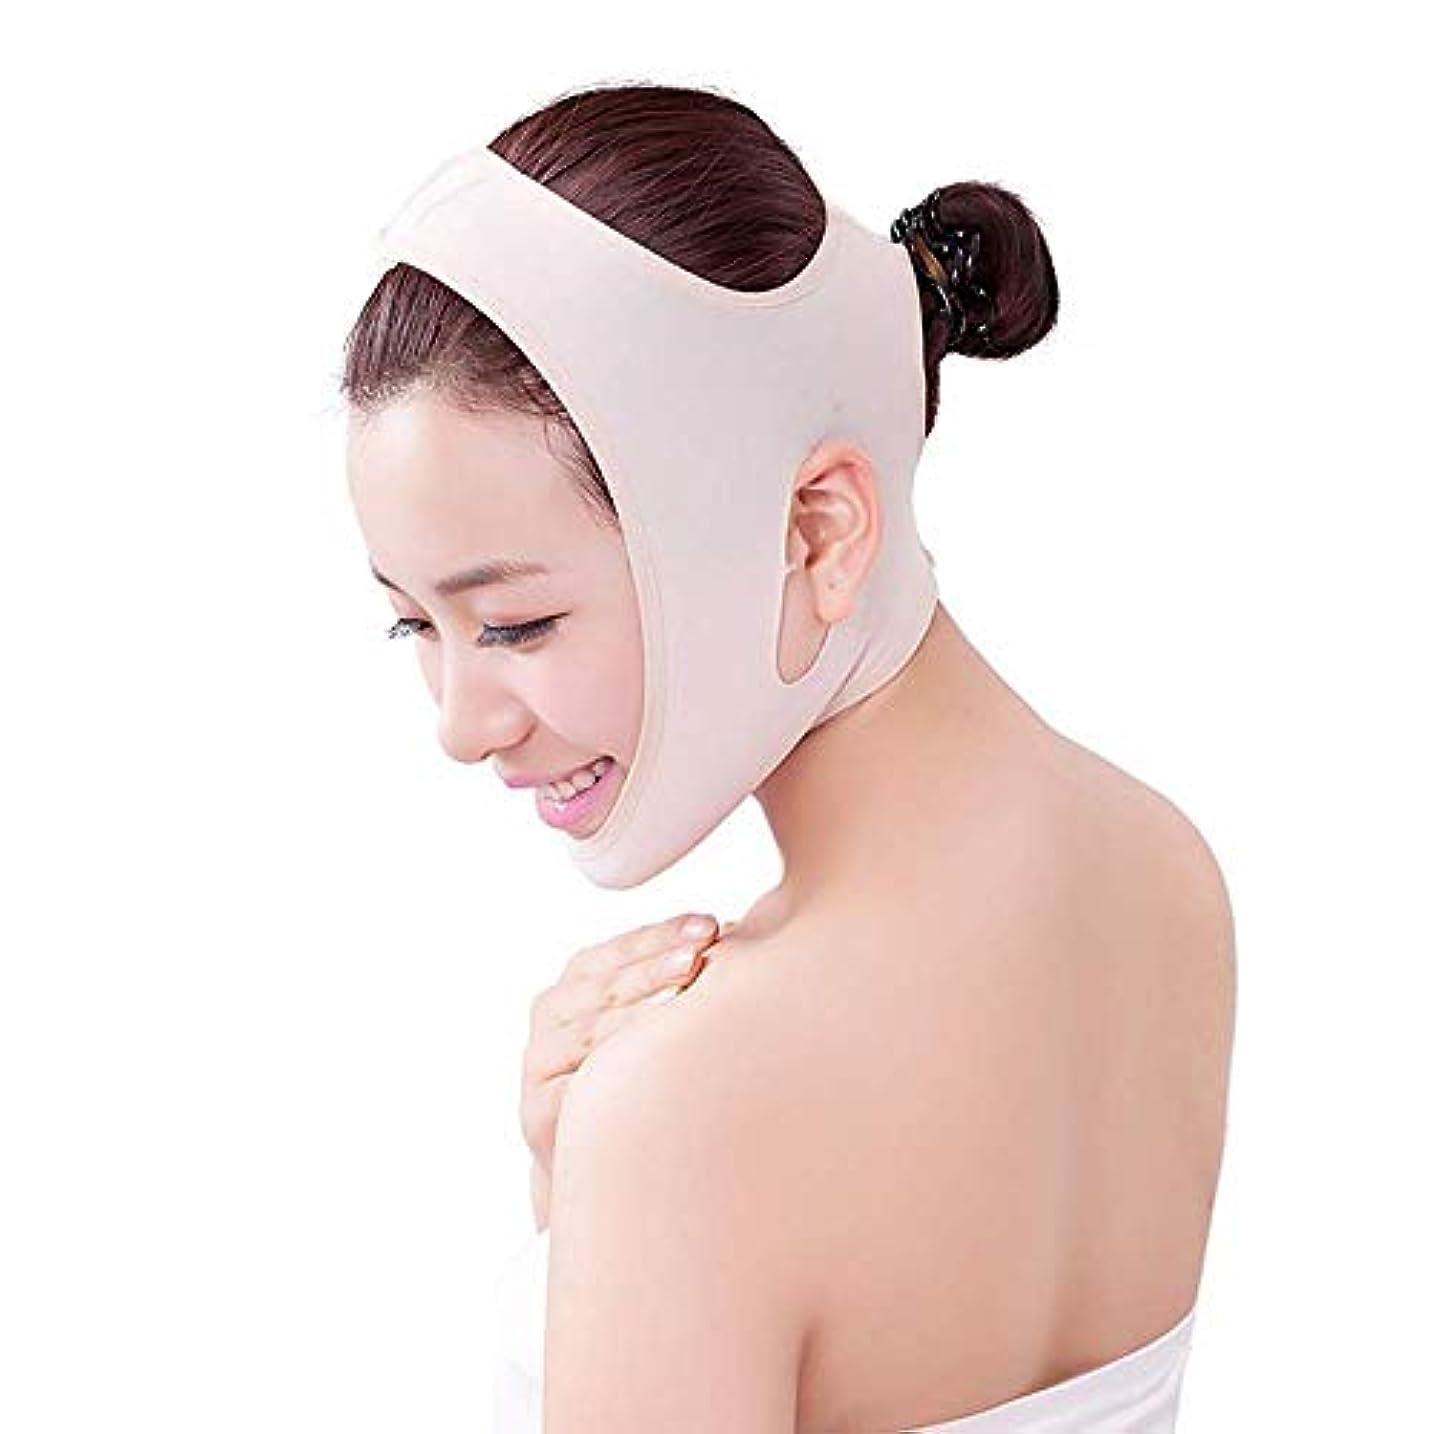 剛性モート祖父母を訪問薄型フェイスベルト - 男性用および女性用の包帯をフランスの顔用リフティングマスク器具に引き締める薄型フェイスVフェイス薄型ダブルチンフェイスリフティングベルト(サイズ:M),M